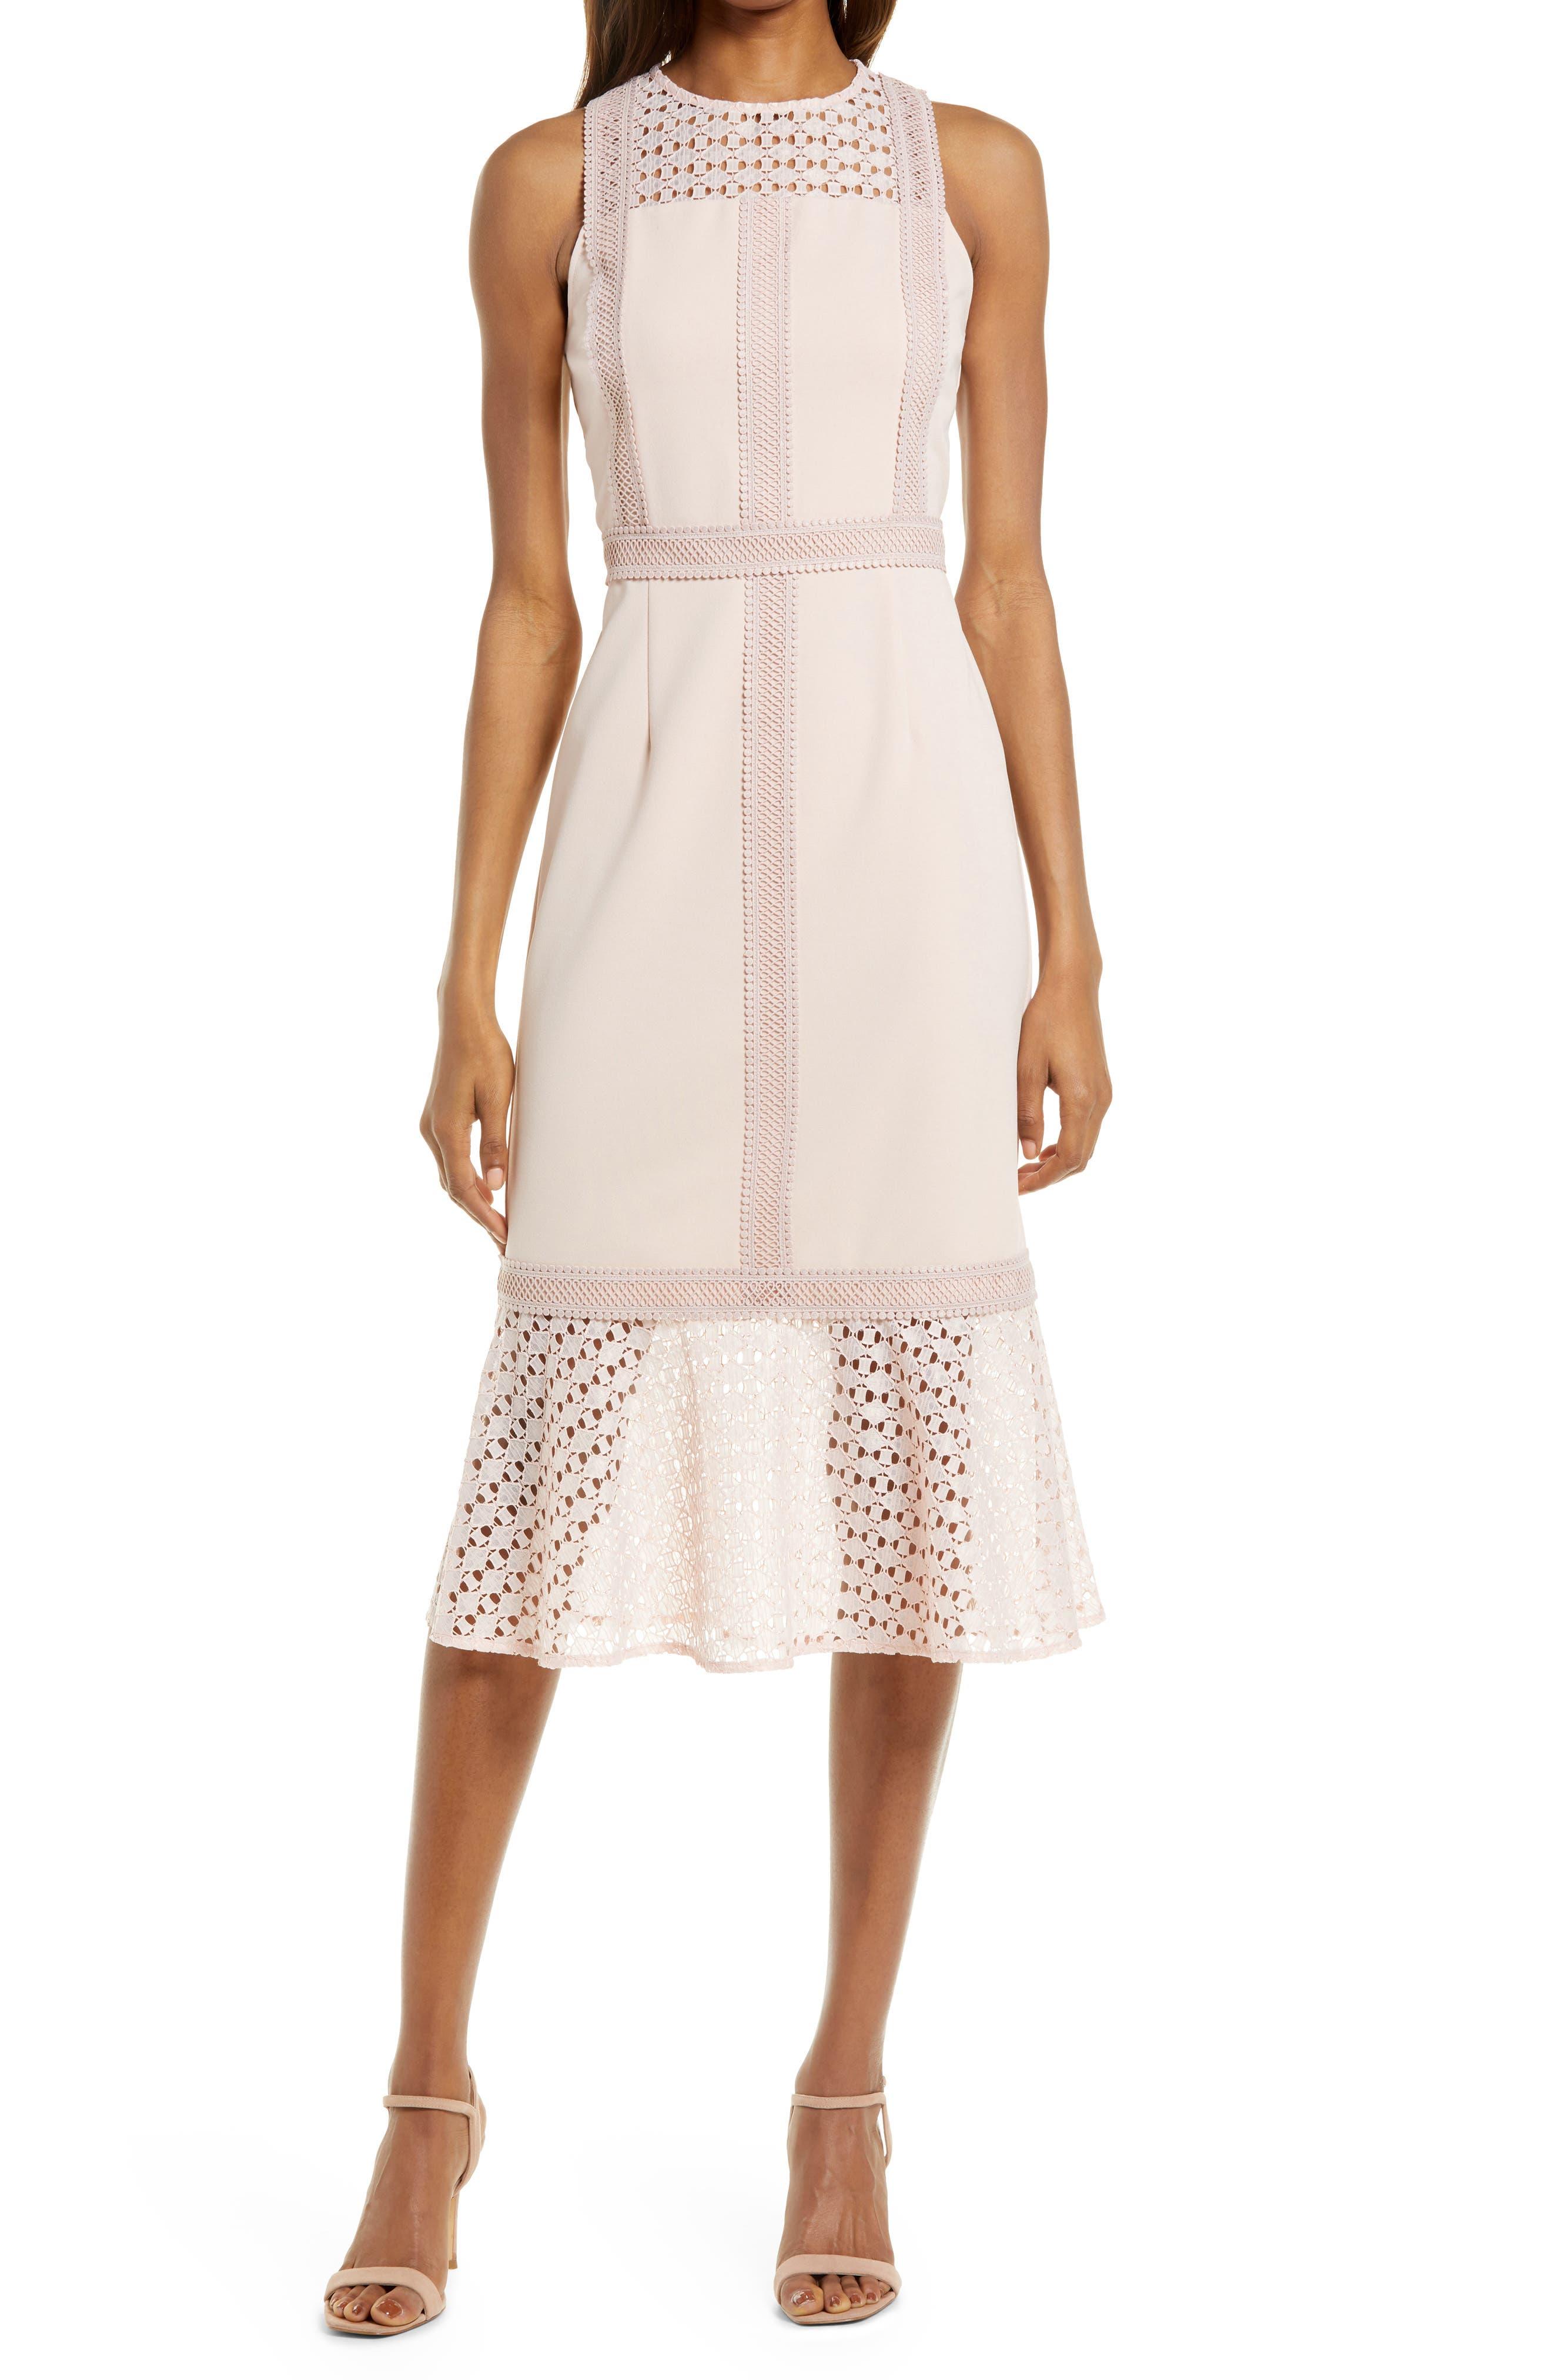 summer dresses for wedding guest,wedding guest dress,